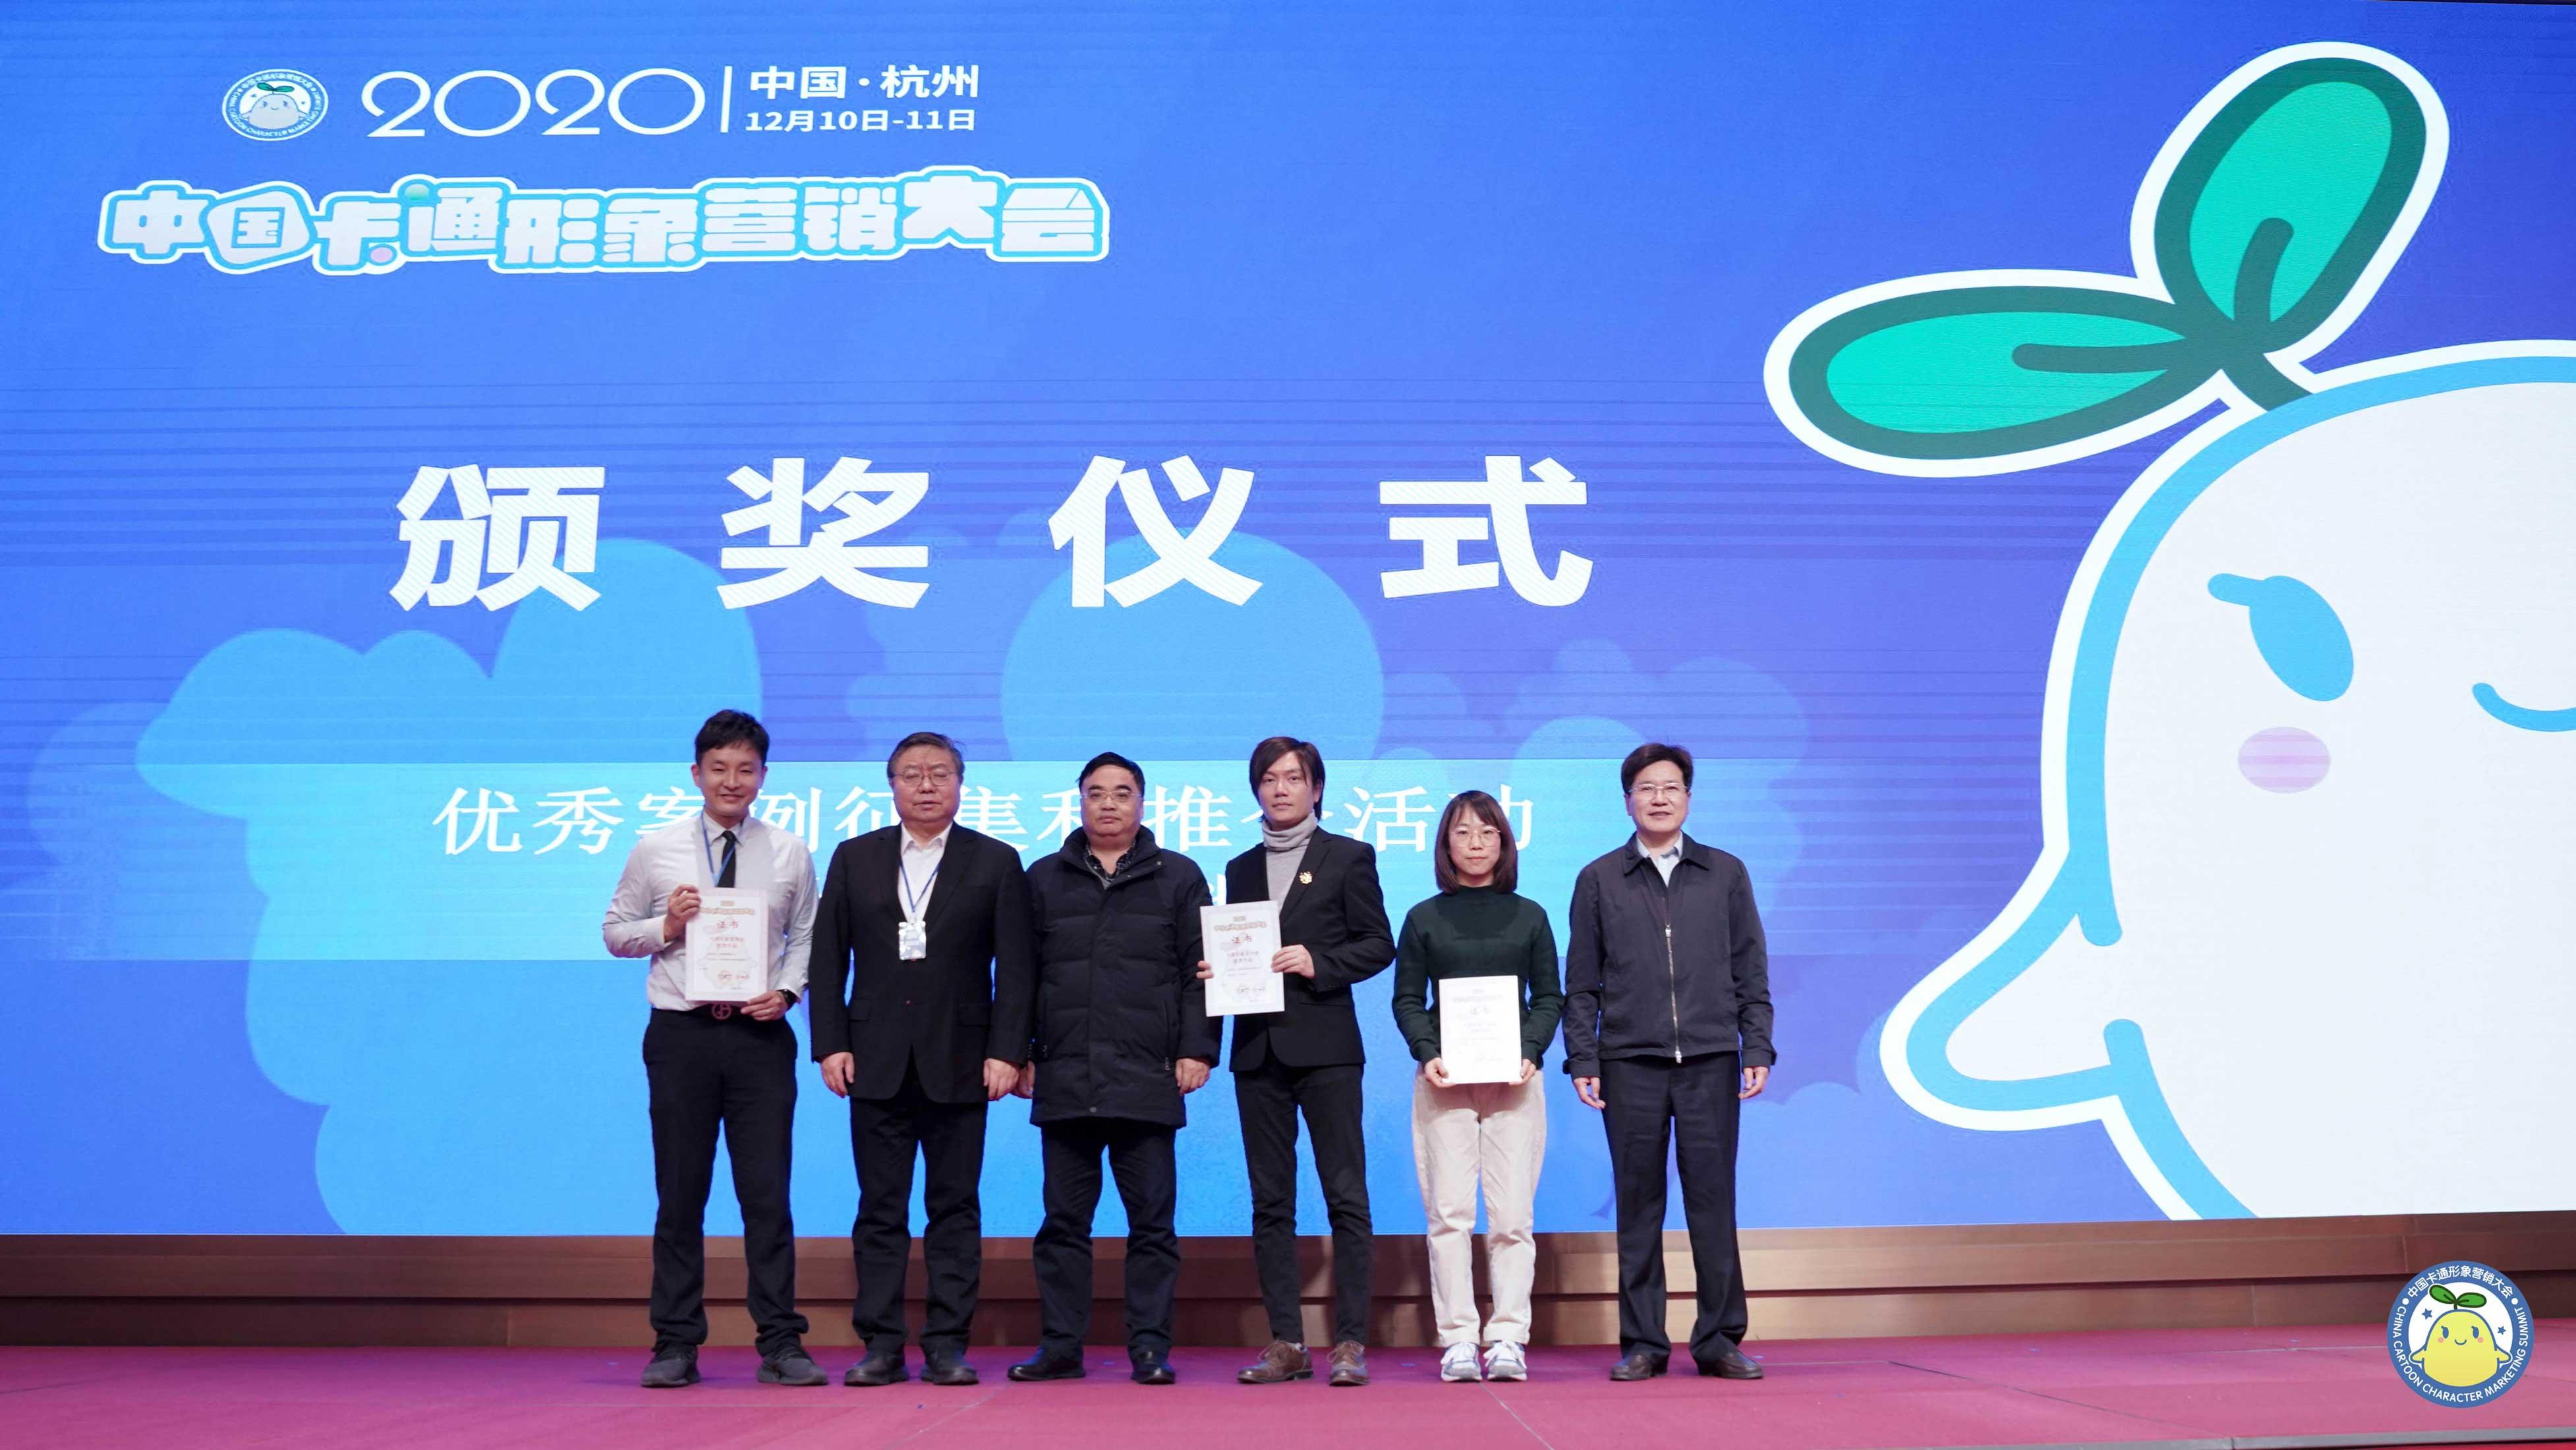 动漫拉动消费升级,2020中国卡通形象营销大会举办 业内 第5张